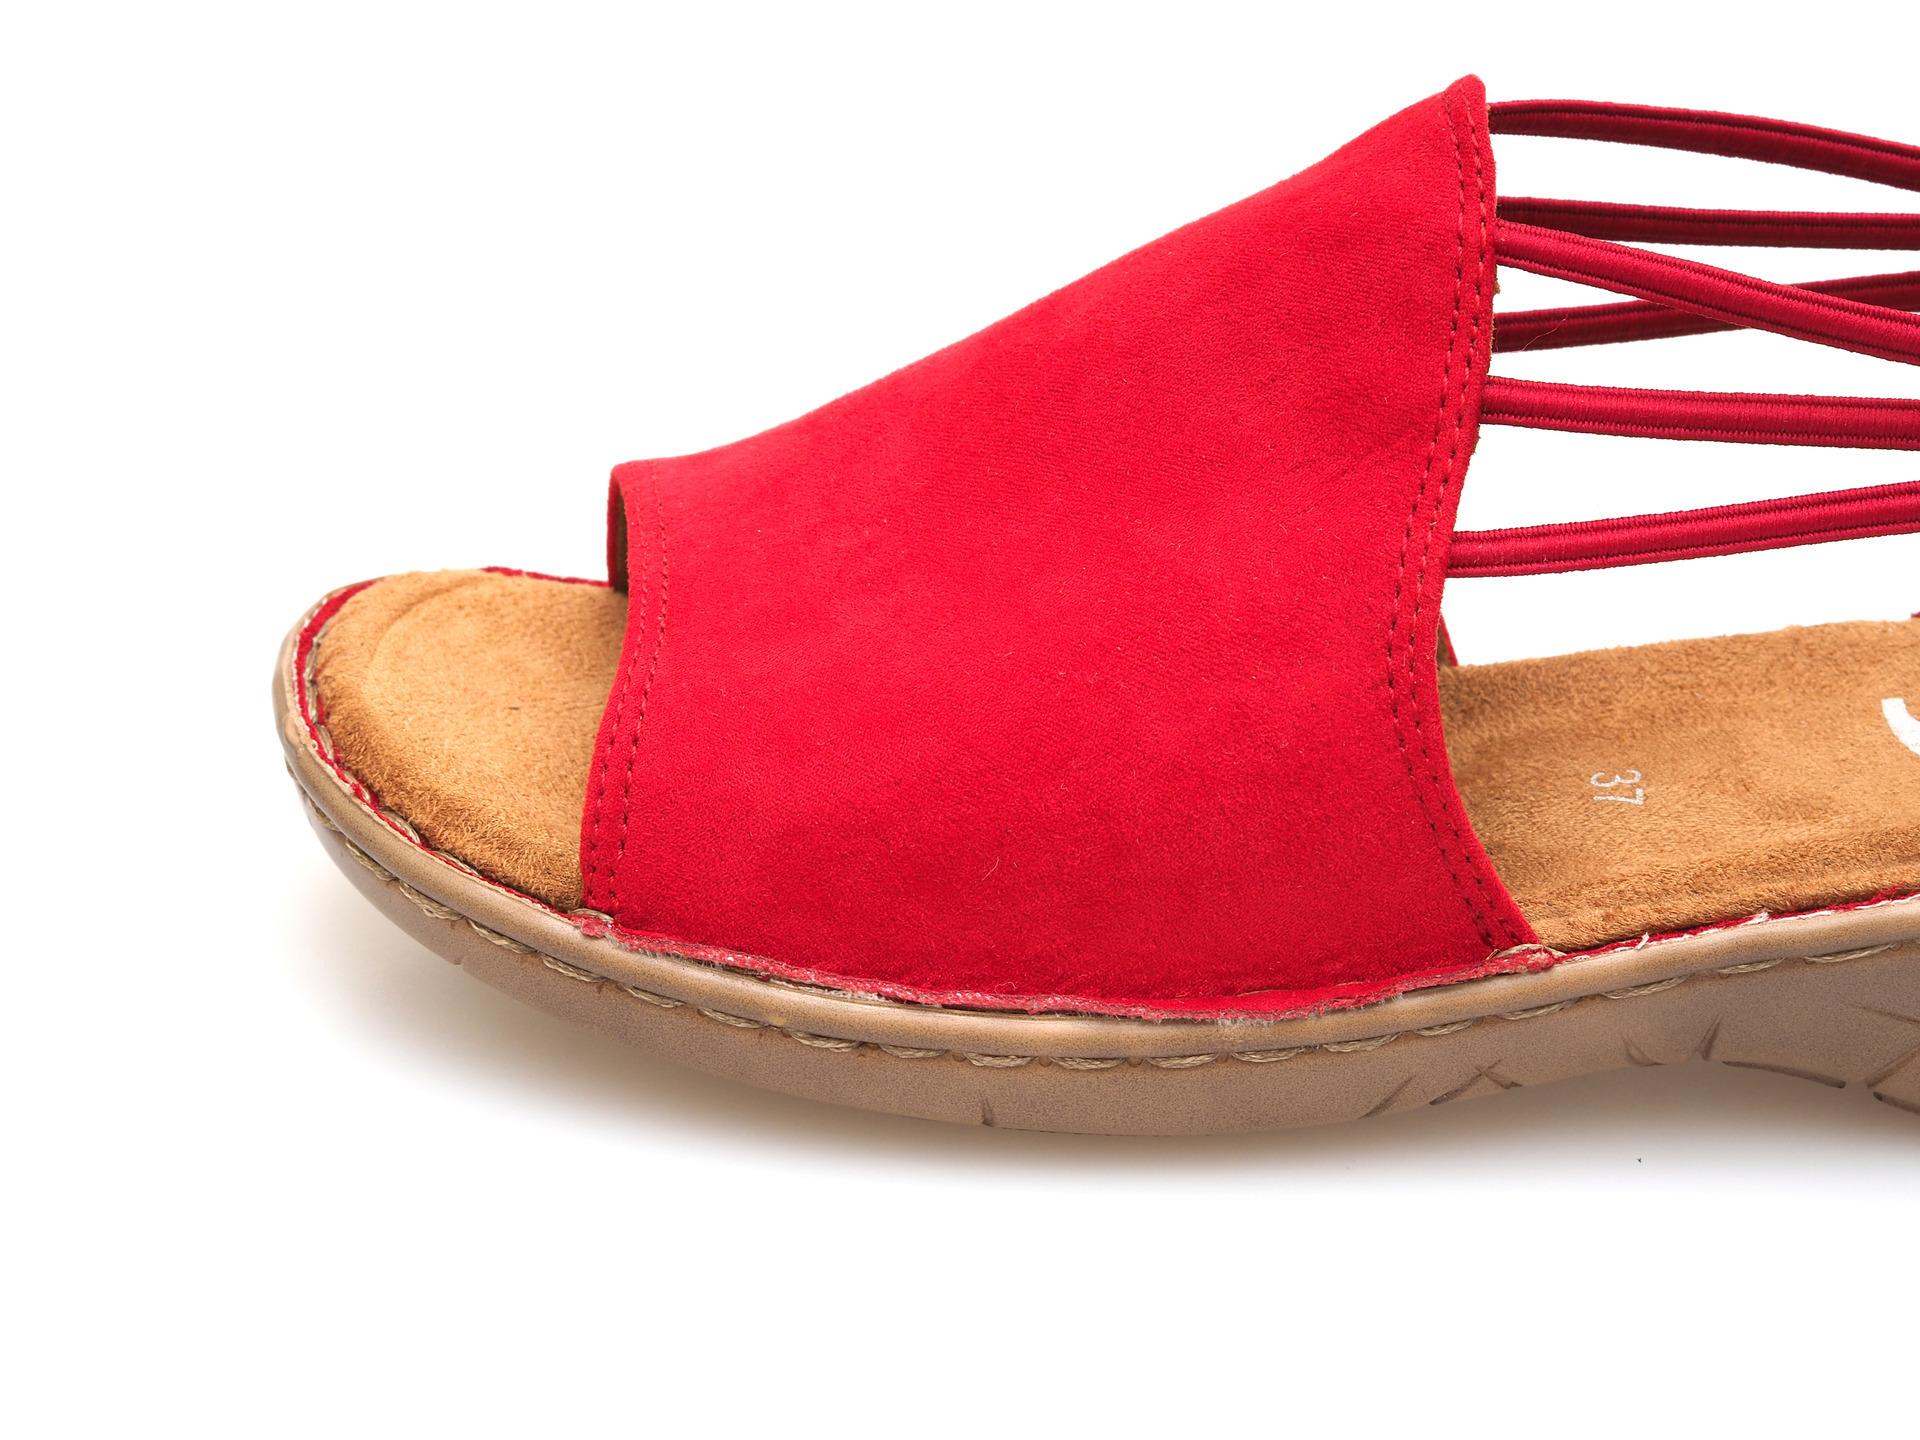 fd0b7d306d25c ARA - Sandále - Červené dámske sandále na nízkom podpätku značky Jenny